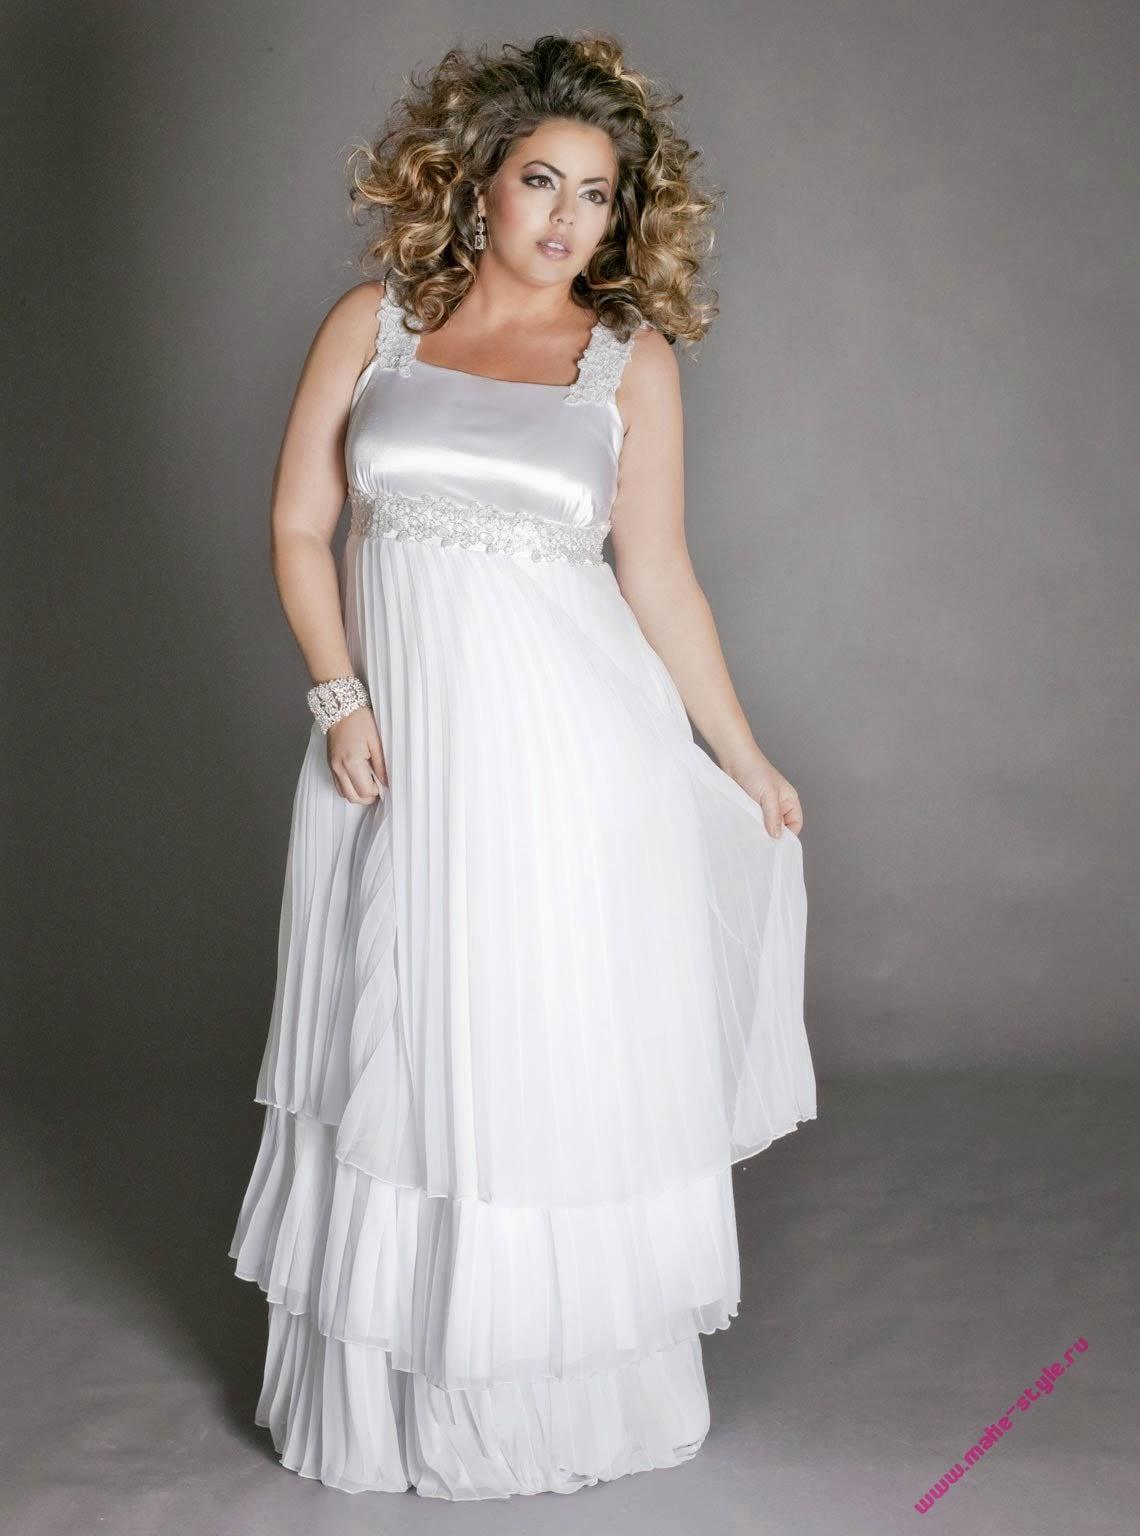 Maravillosos vestidos de novias para gorditas vestidos for Wedding dresses for thick girls